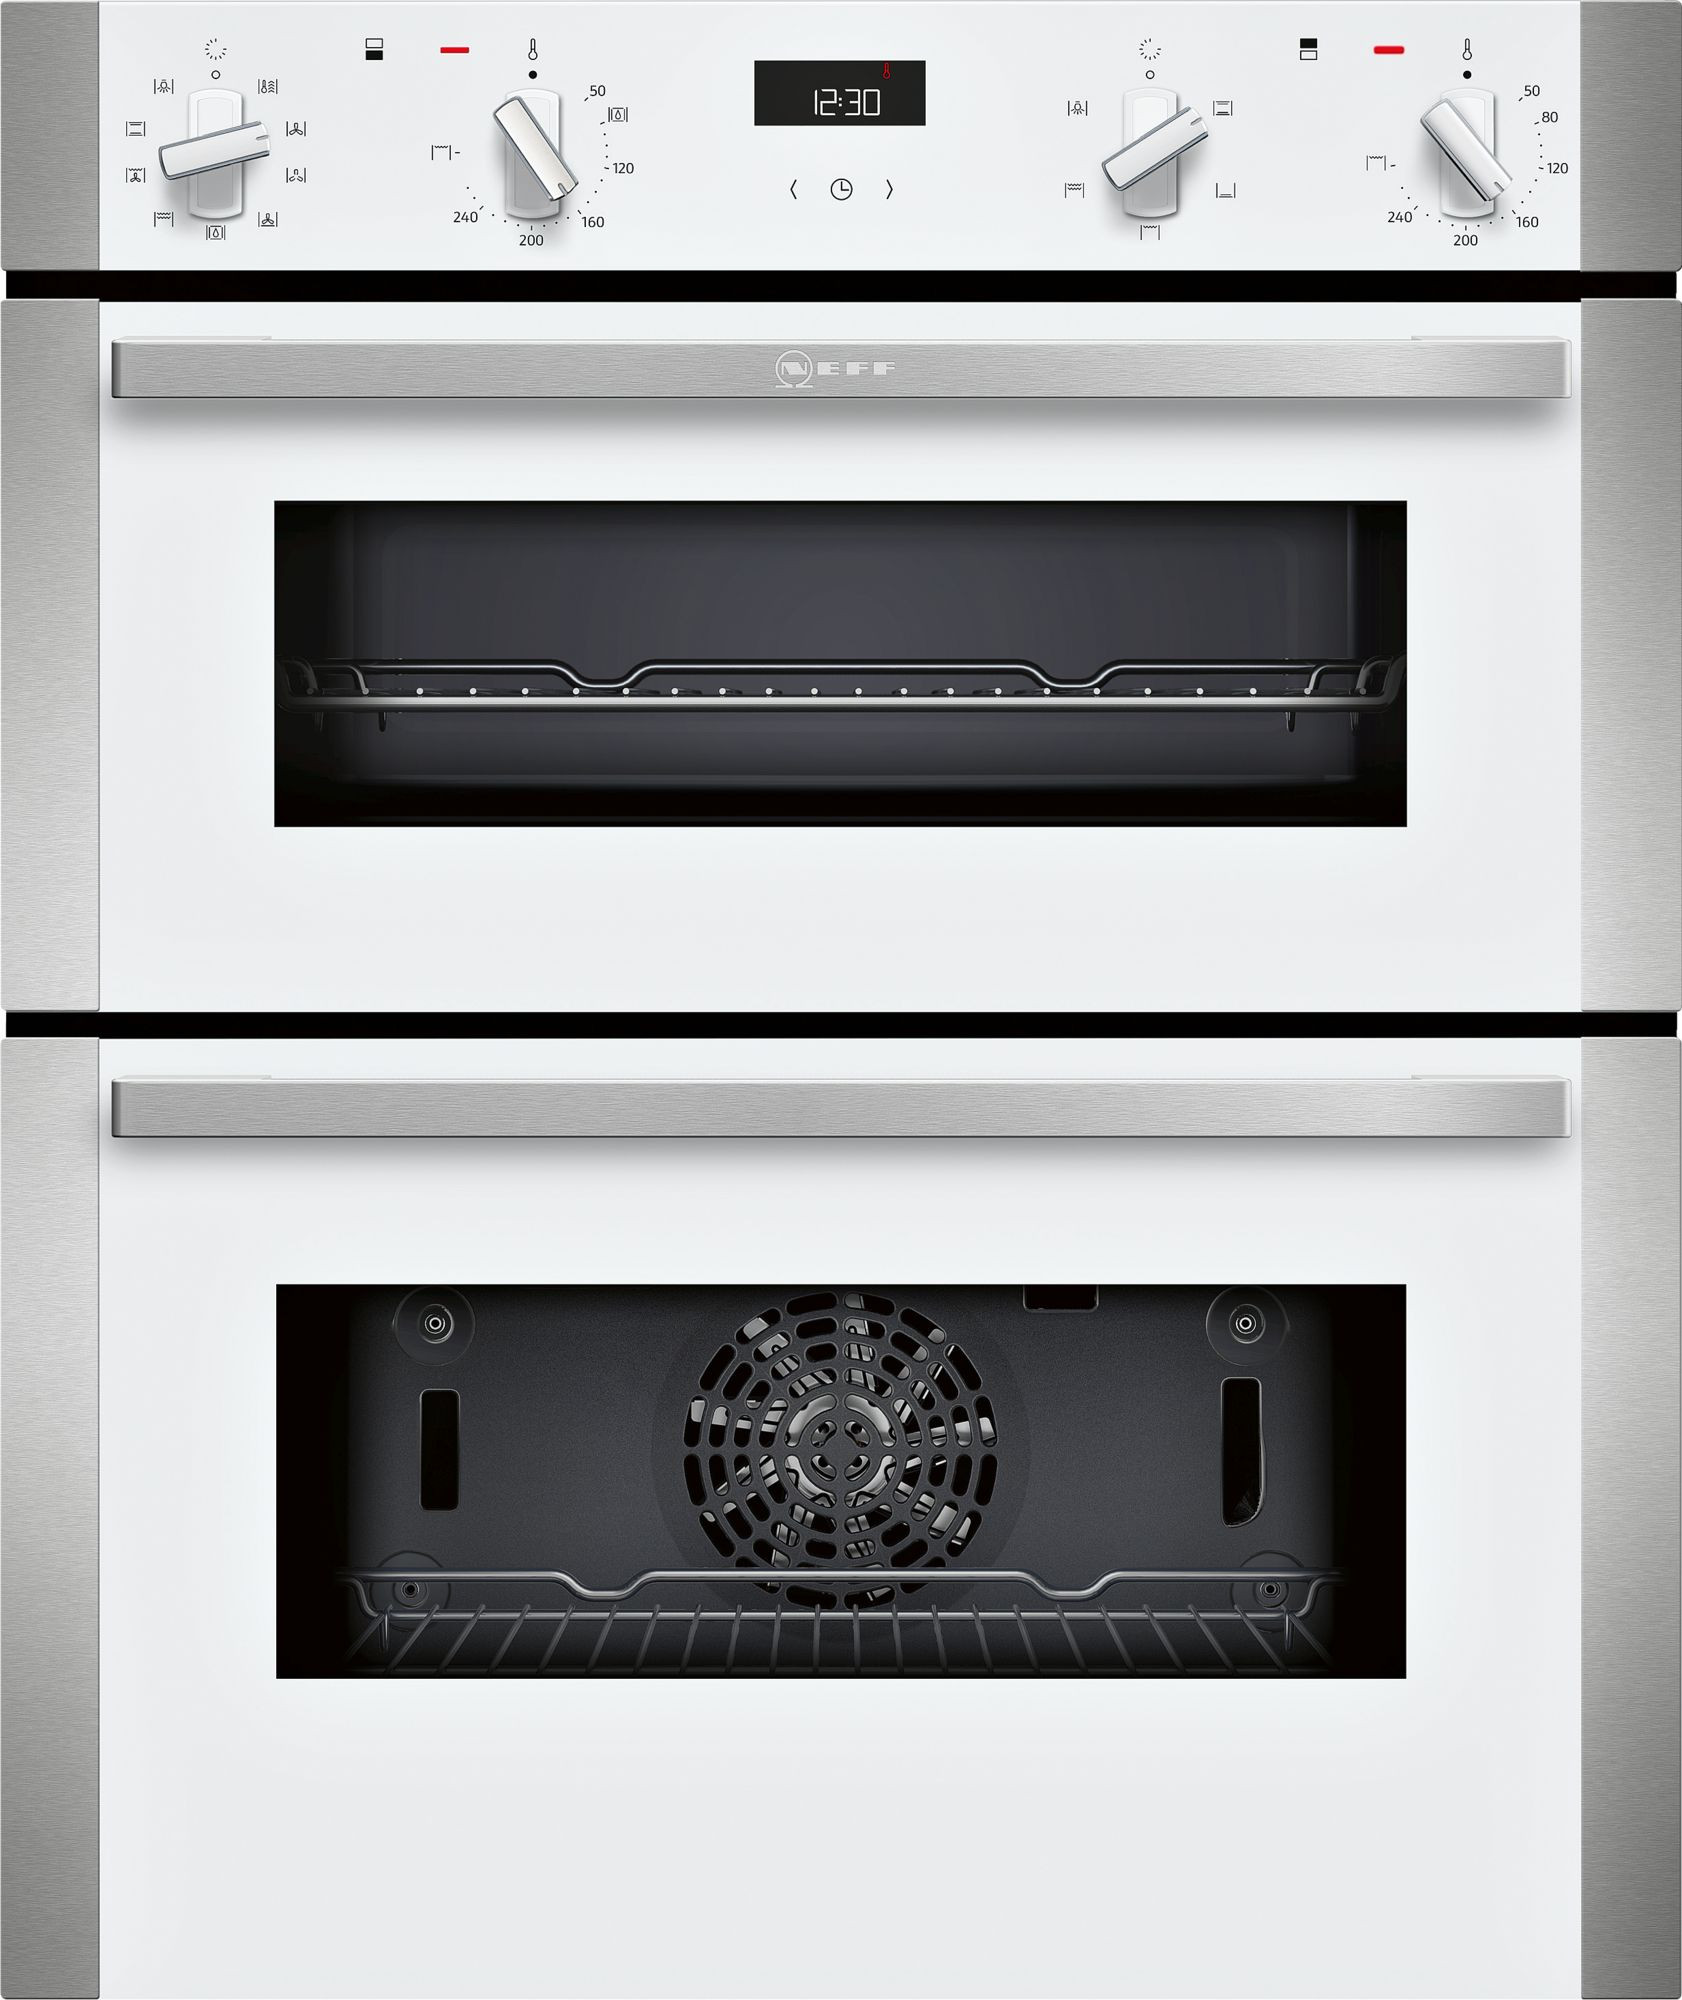 Neff N50 White Built-Under Double Oven J1ACE2HW0B